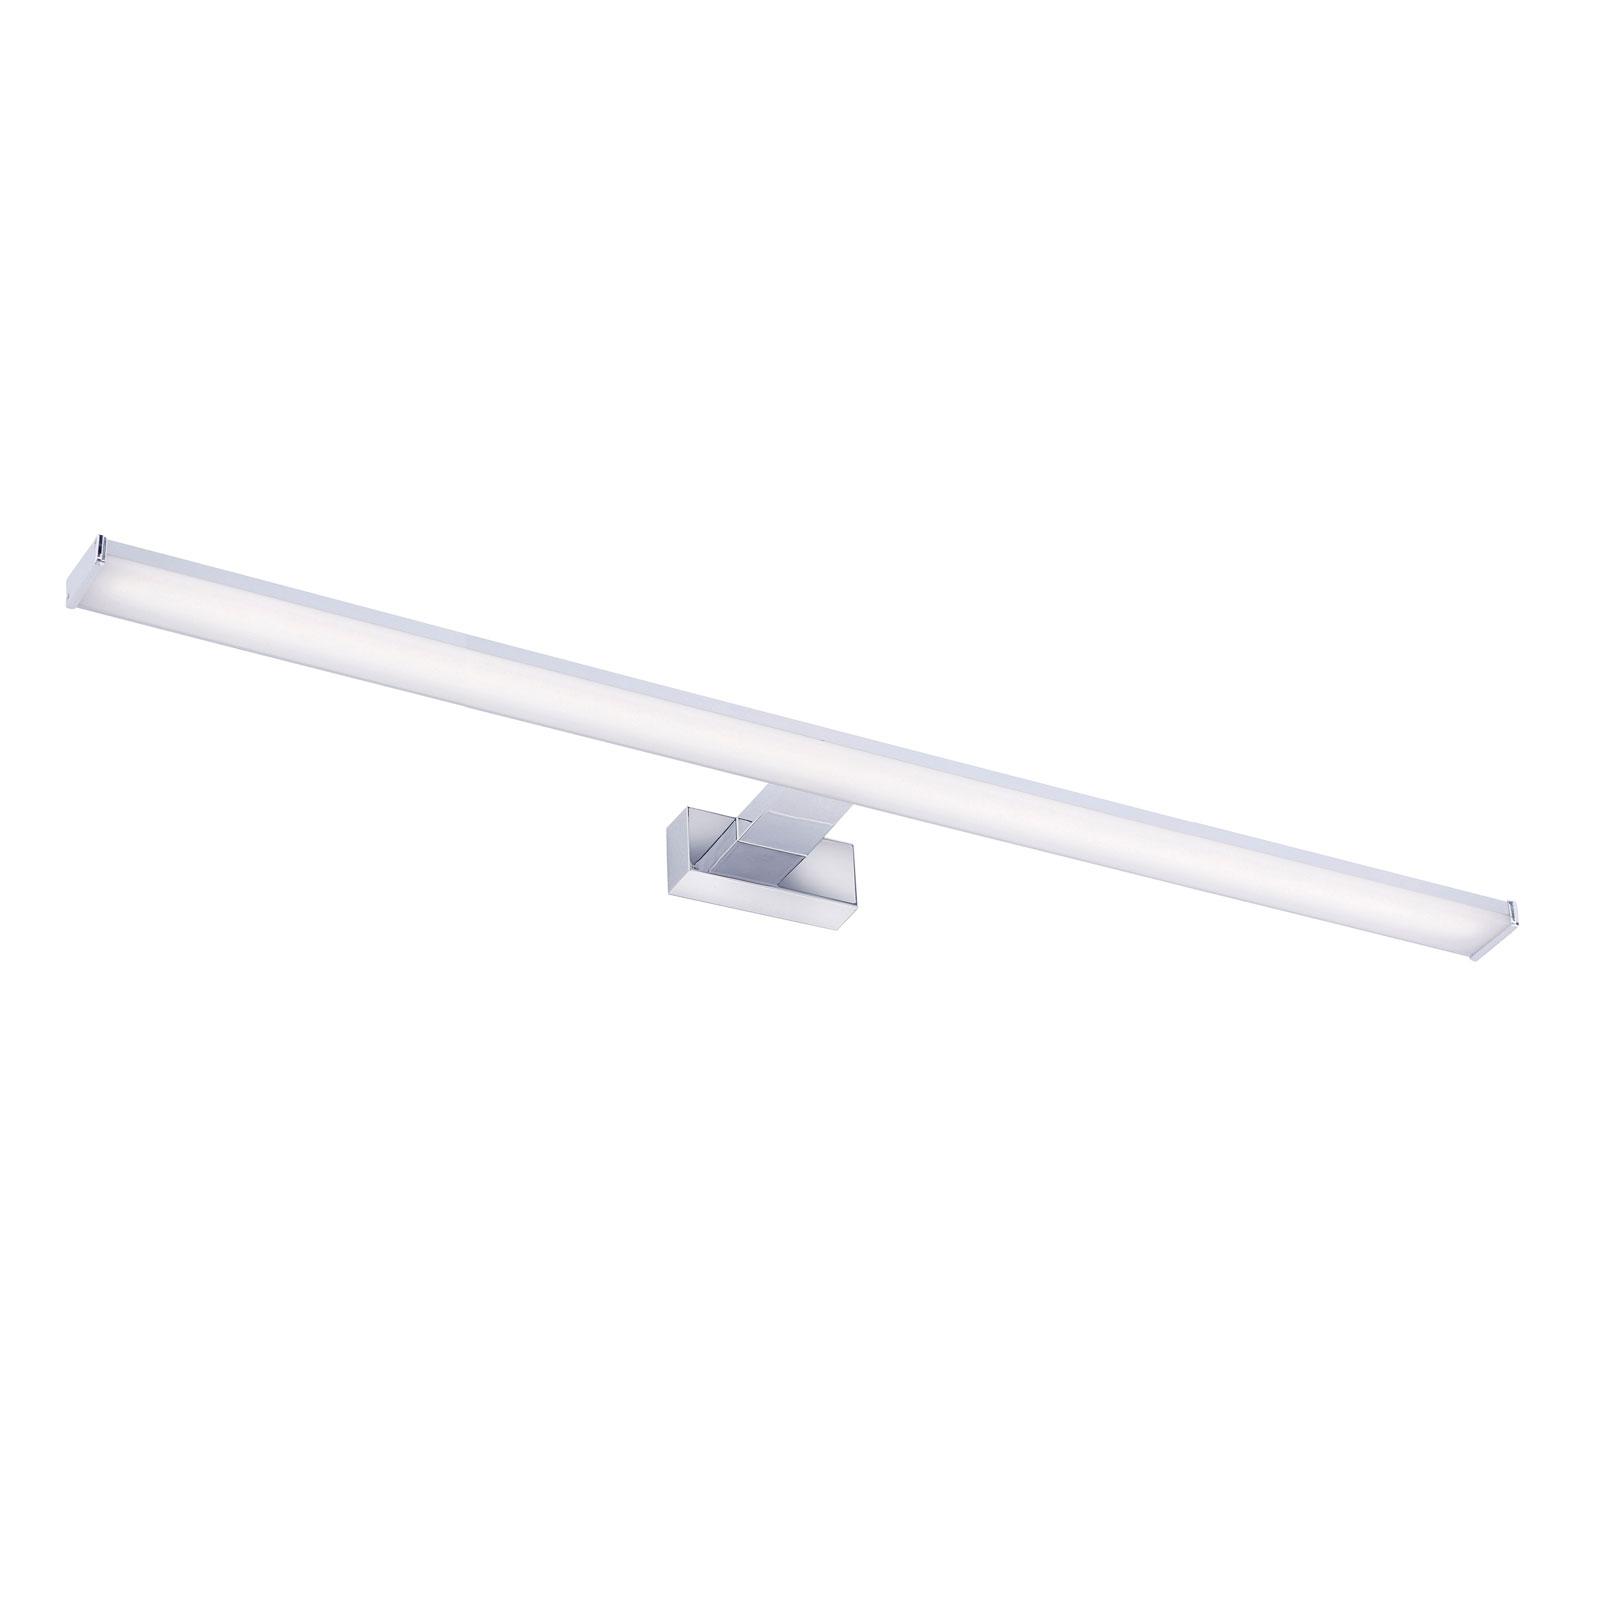 Applique pour miroir LED Mattis, 78cm